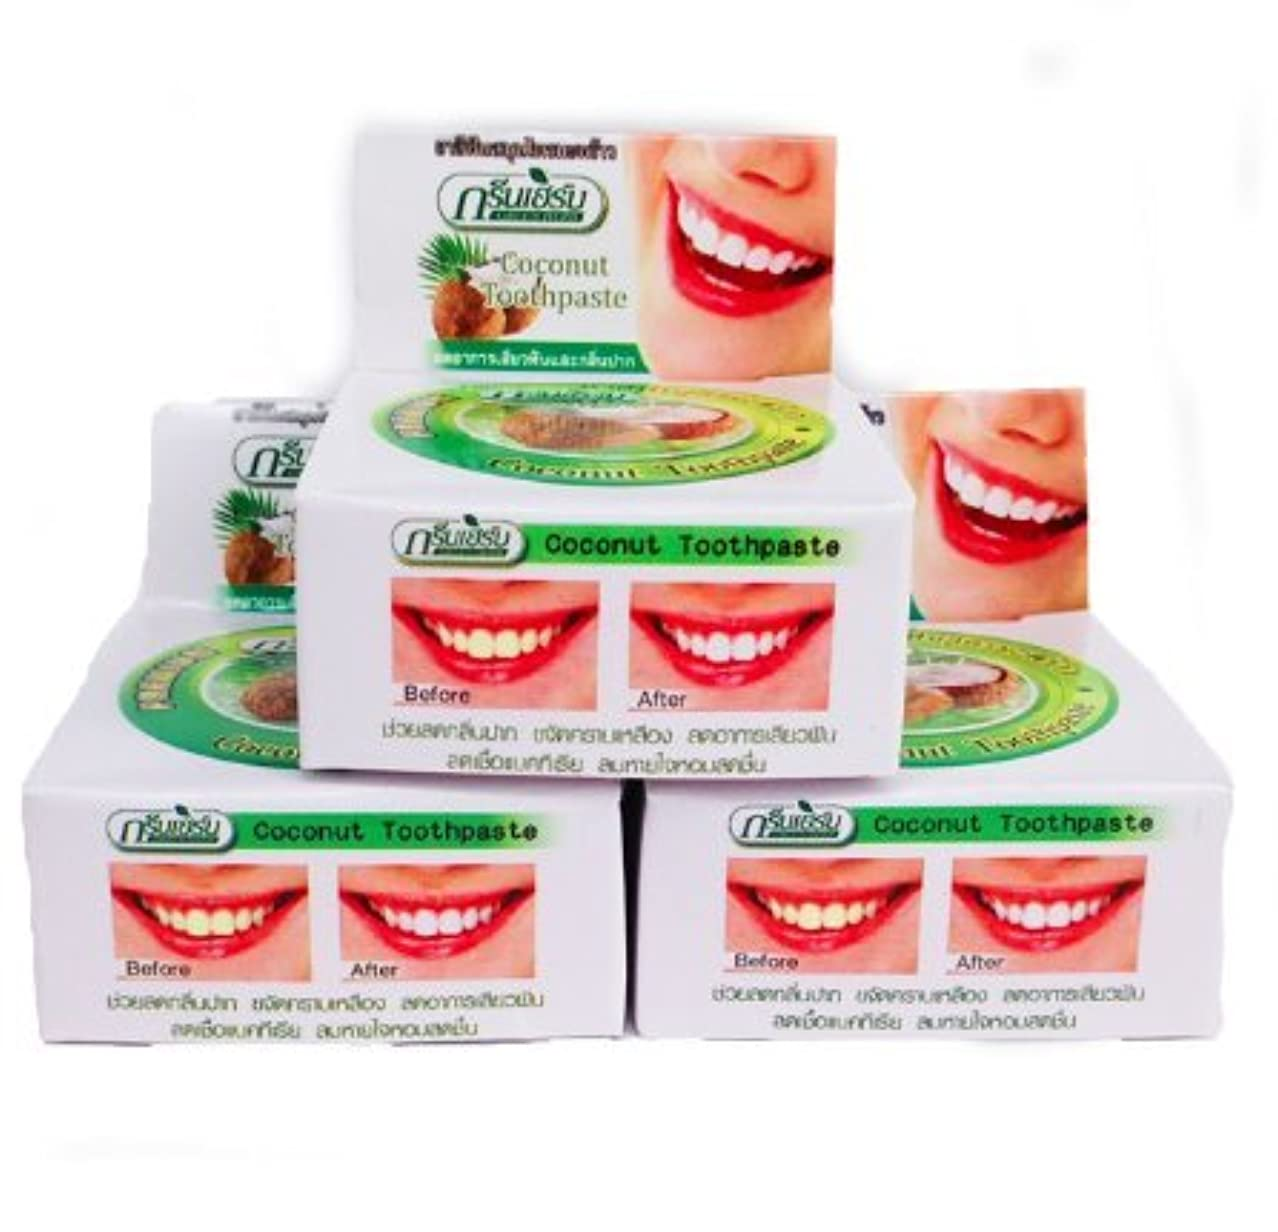 に渡ってスープ泣き叫ぶASN ハーブ歯磨き粉 10g Thailand Coconut Toothpastes Herbal Clove Toothpaste Teeth Whitening Care 3 pcs. by ASN